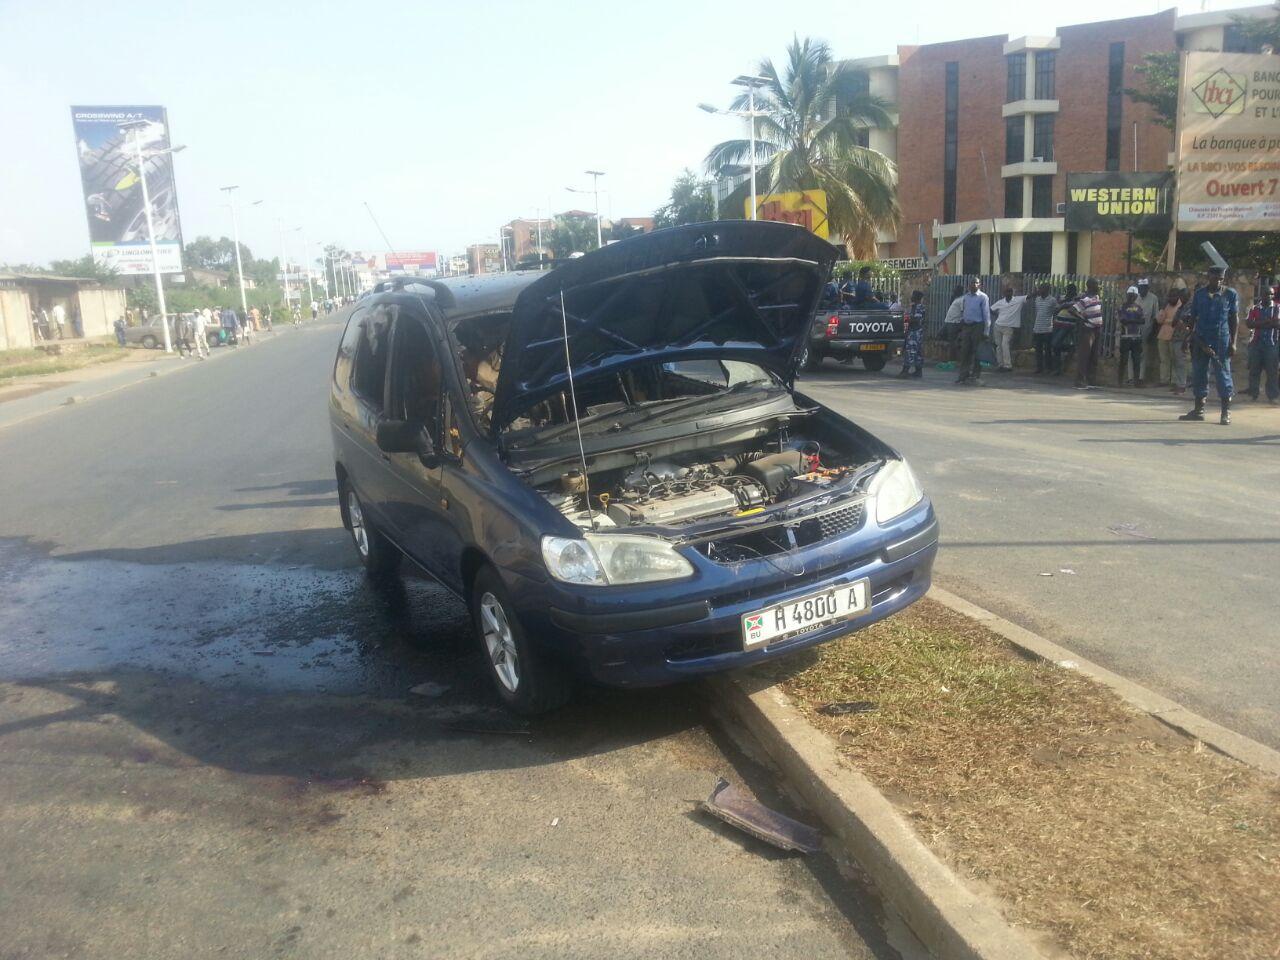 Le véhicule a été endommagé